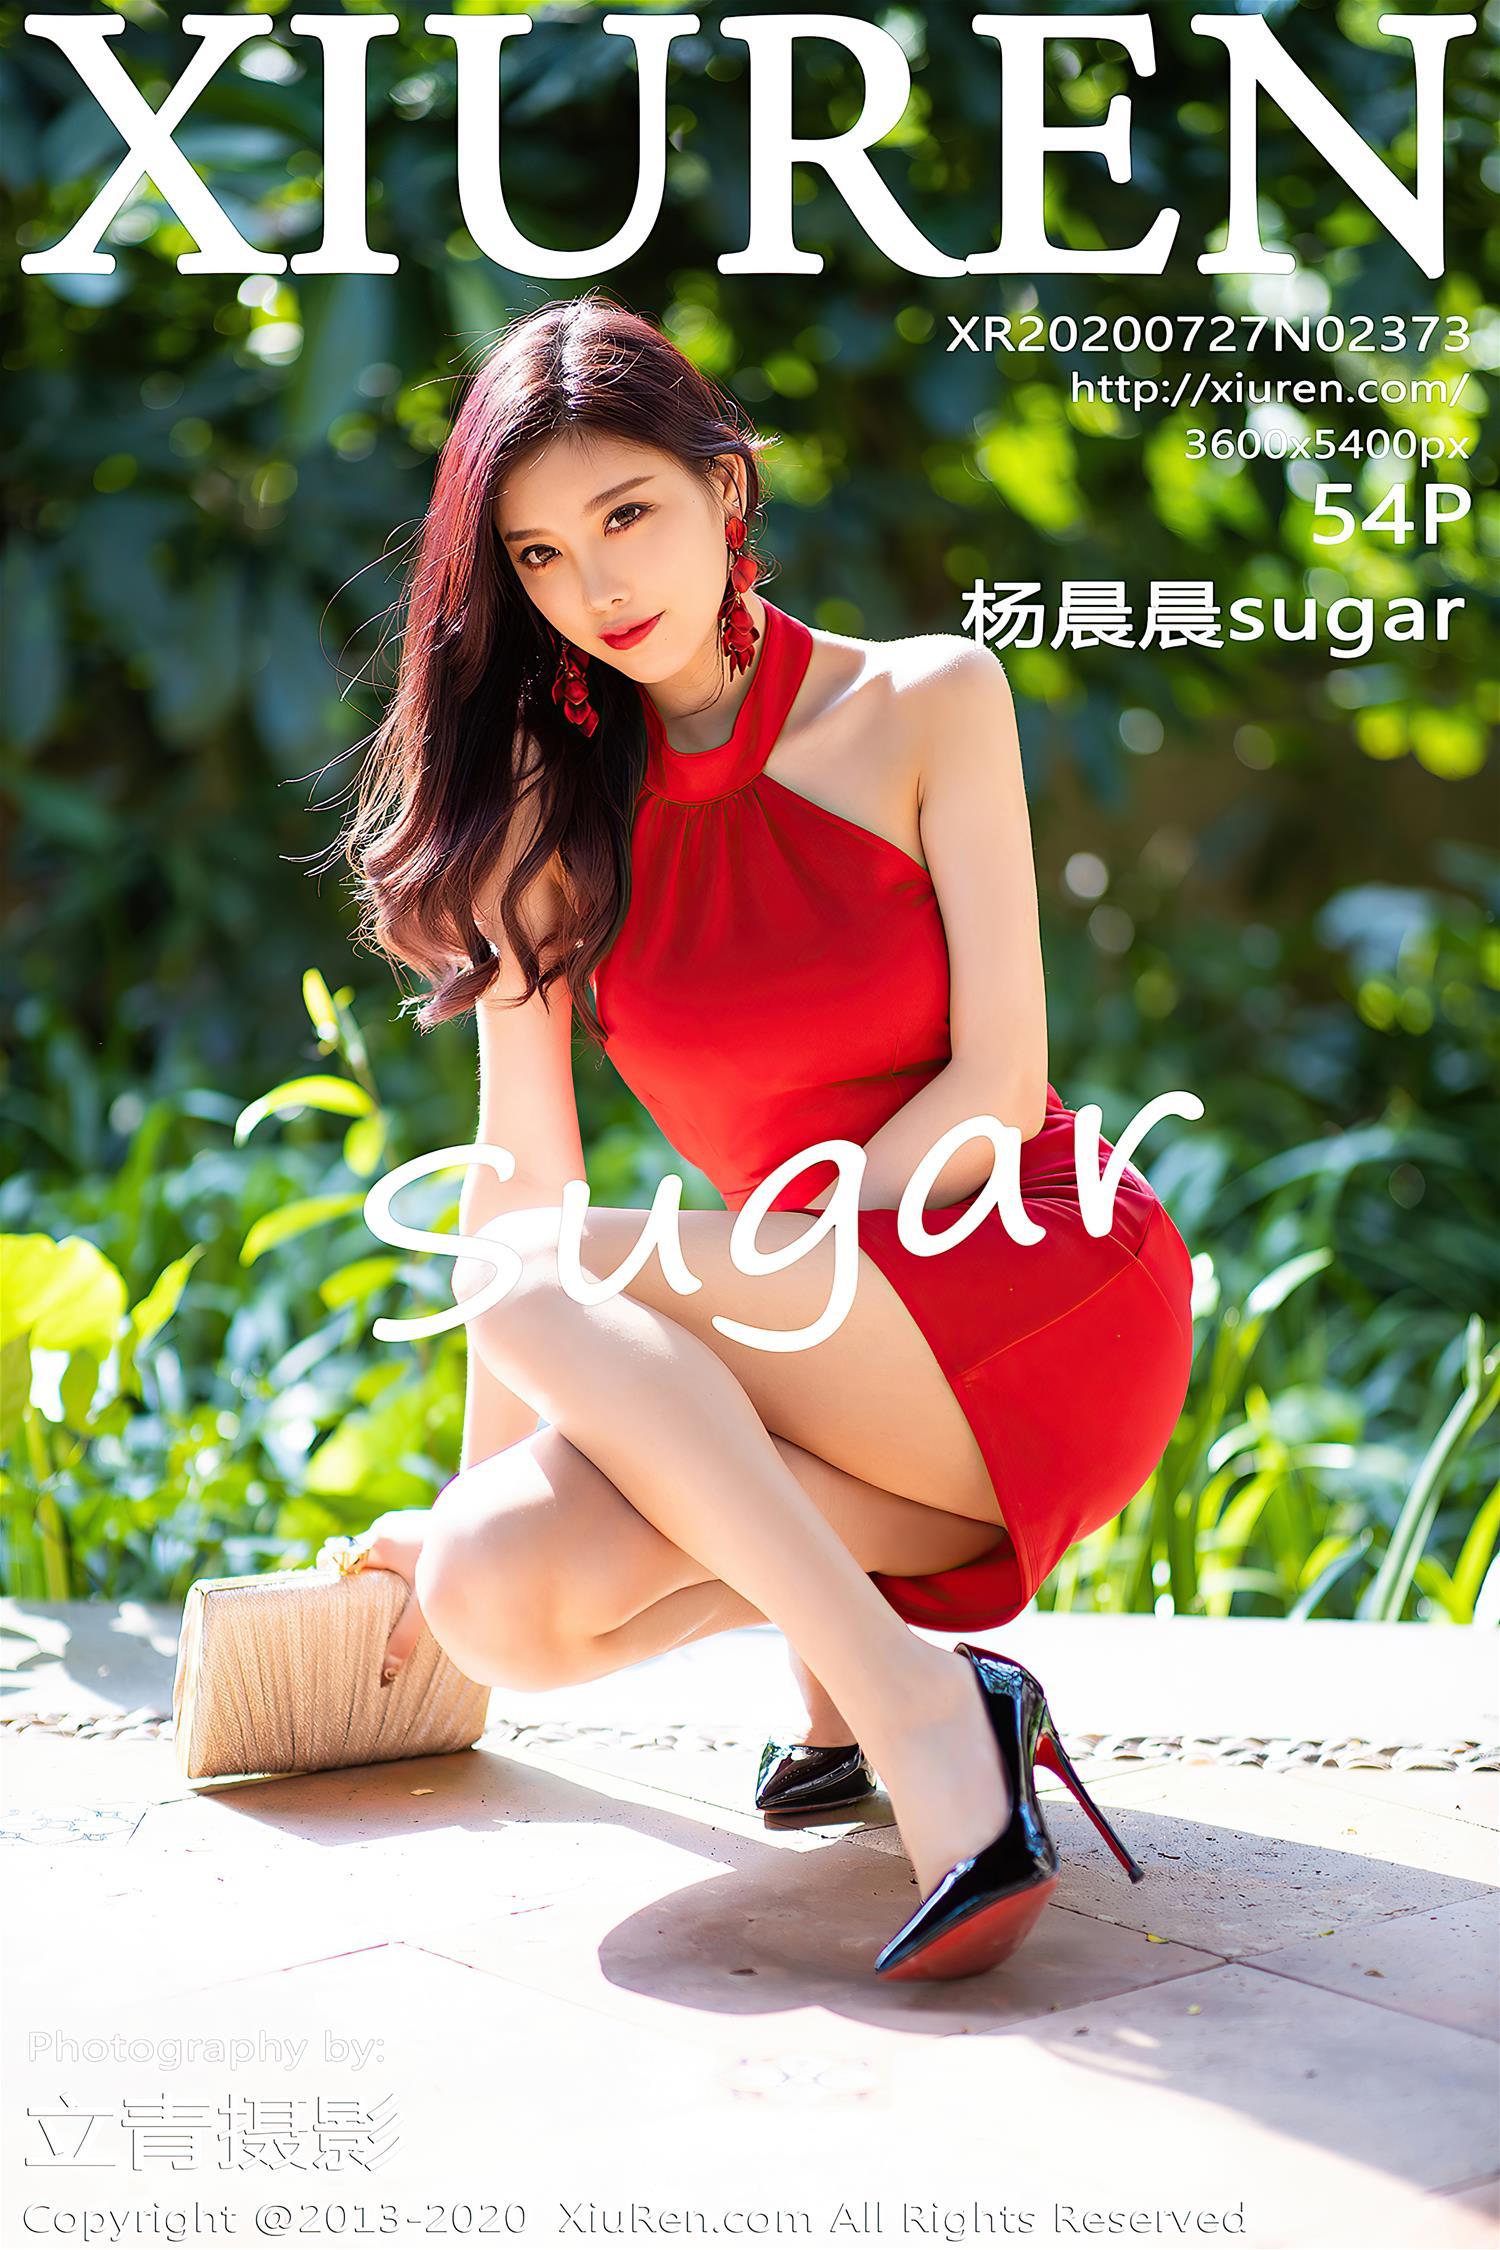 [XiuRen秀人网] 2020.07.27 NO.2373 杨晨晨sugar [55P]